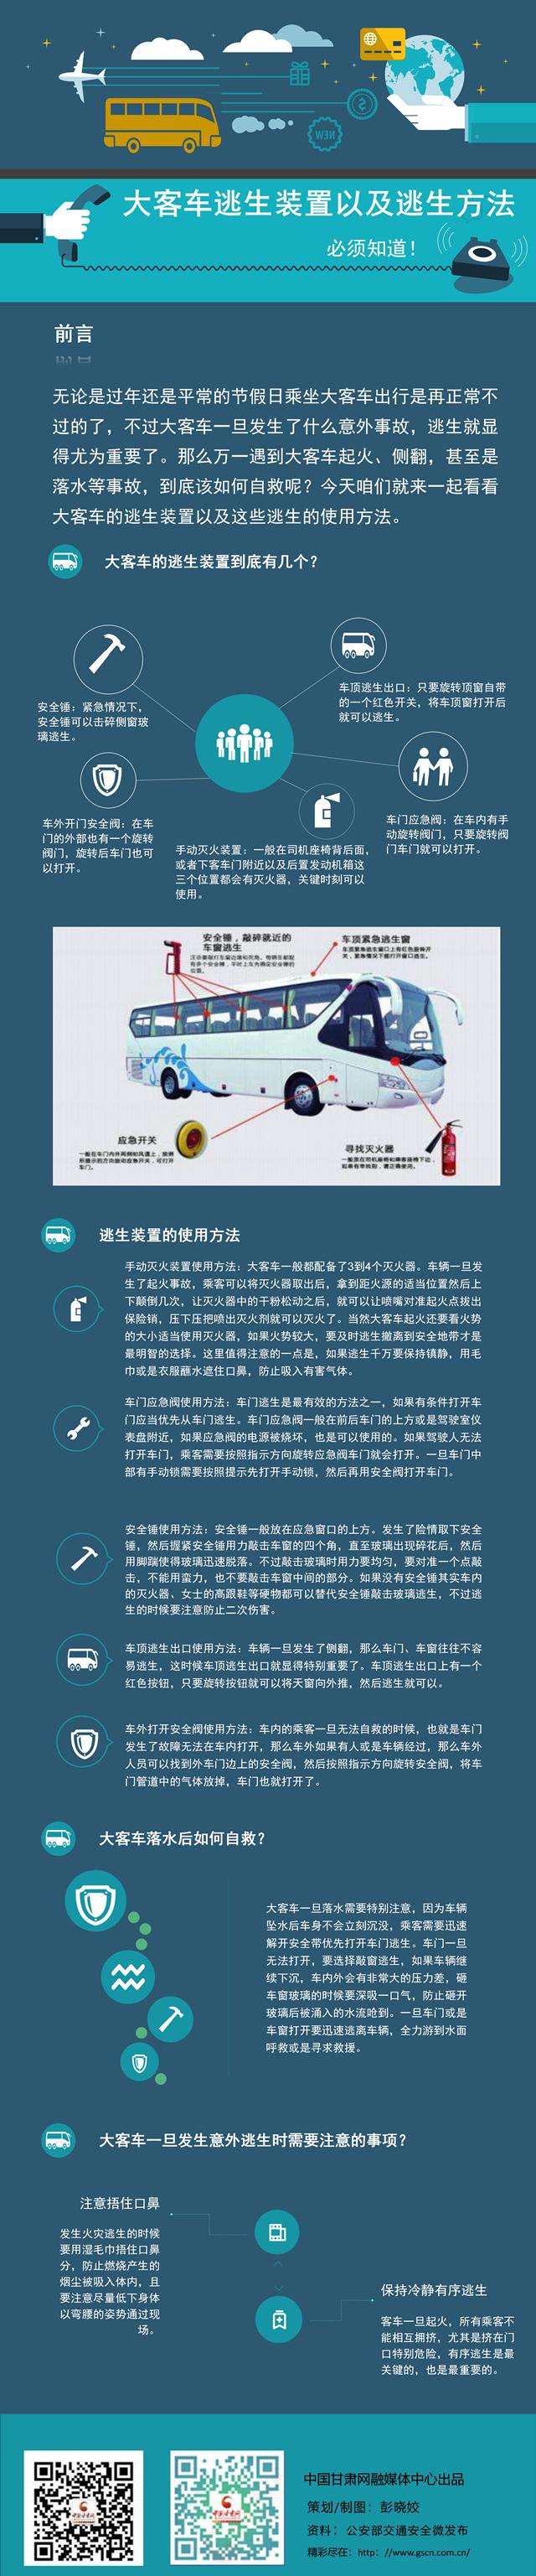 图解 | 大客车逃生装置以及逃生方法,必须知道!